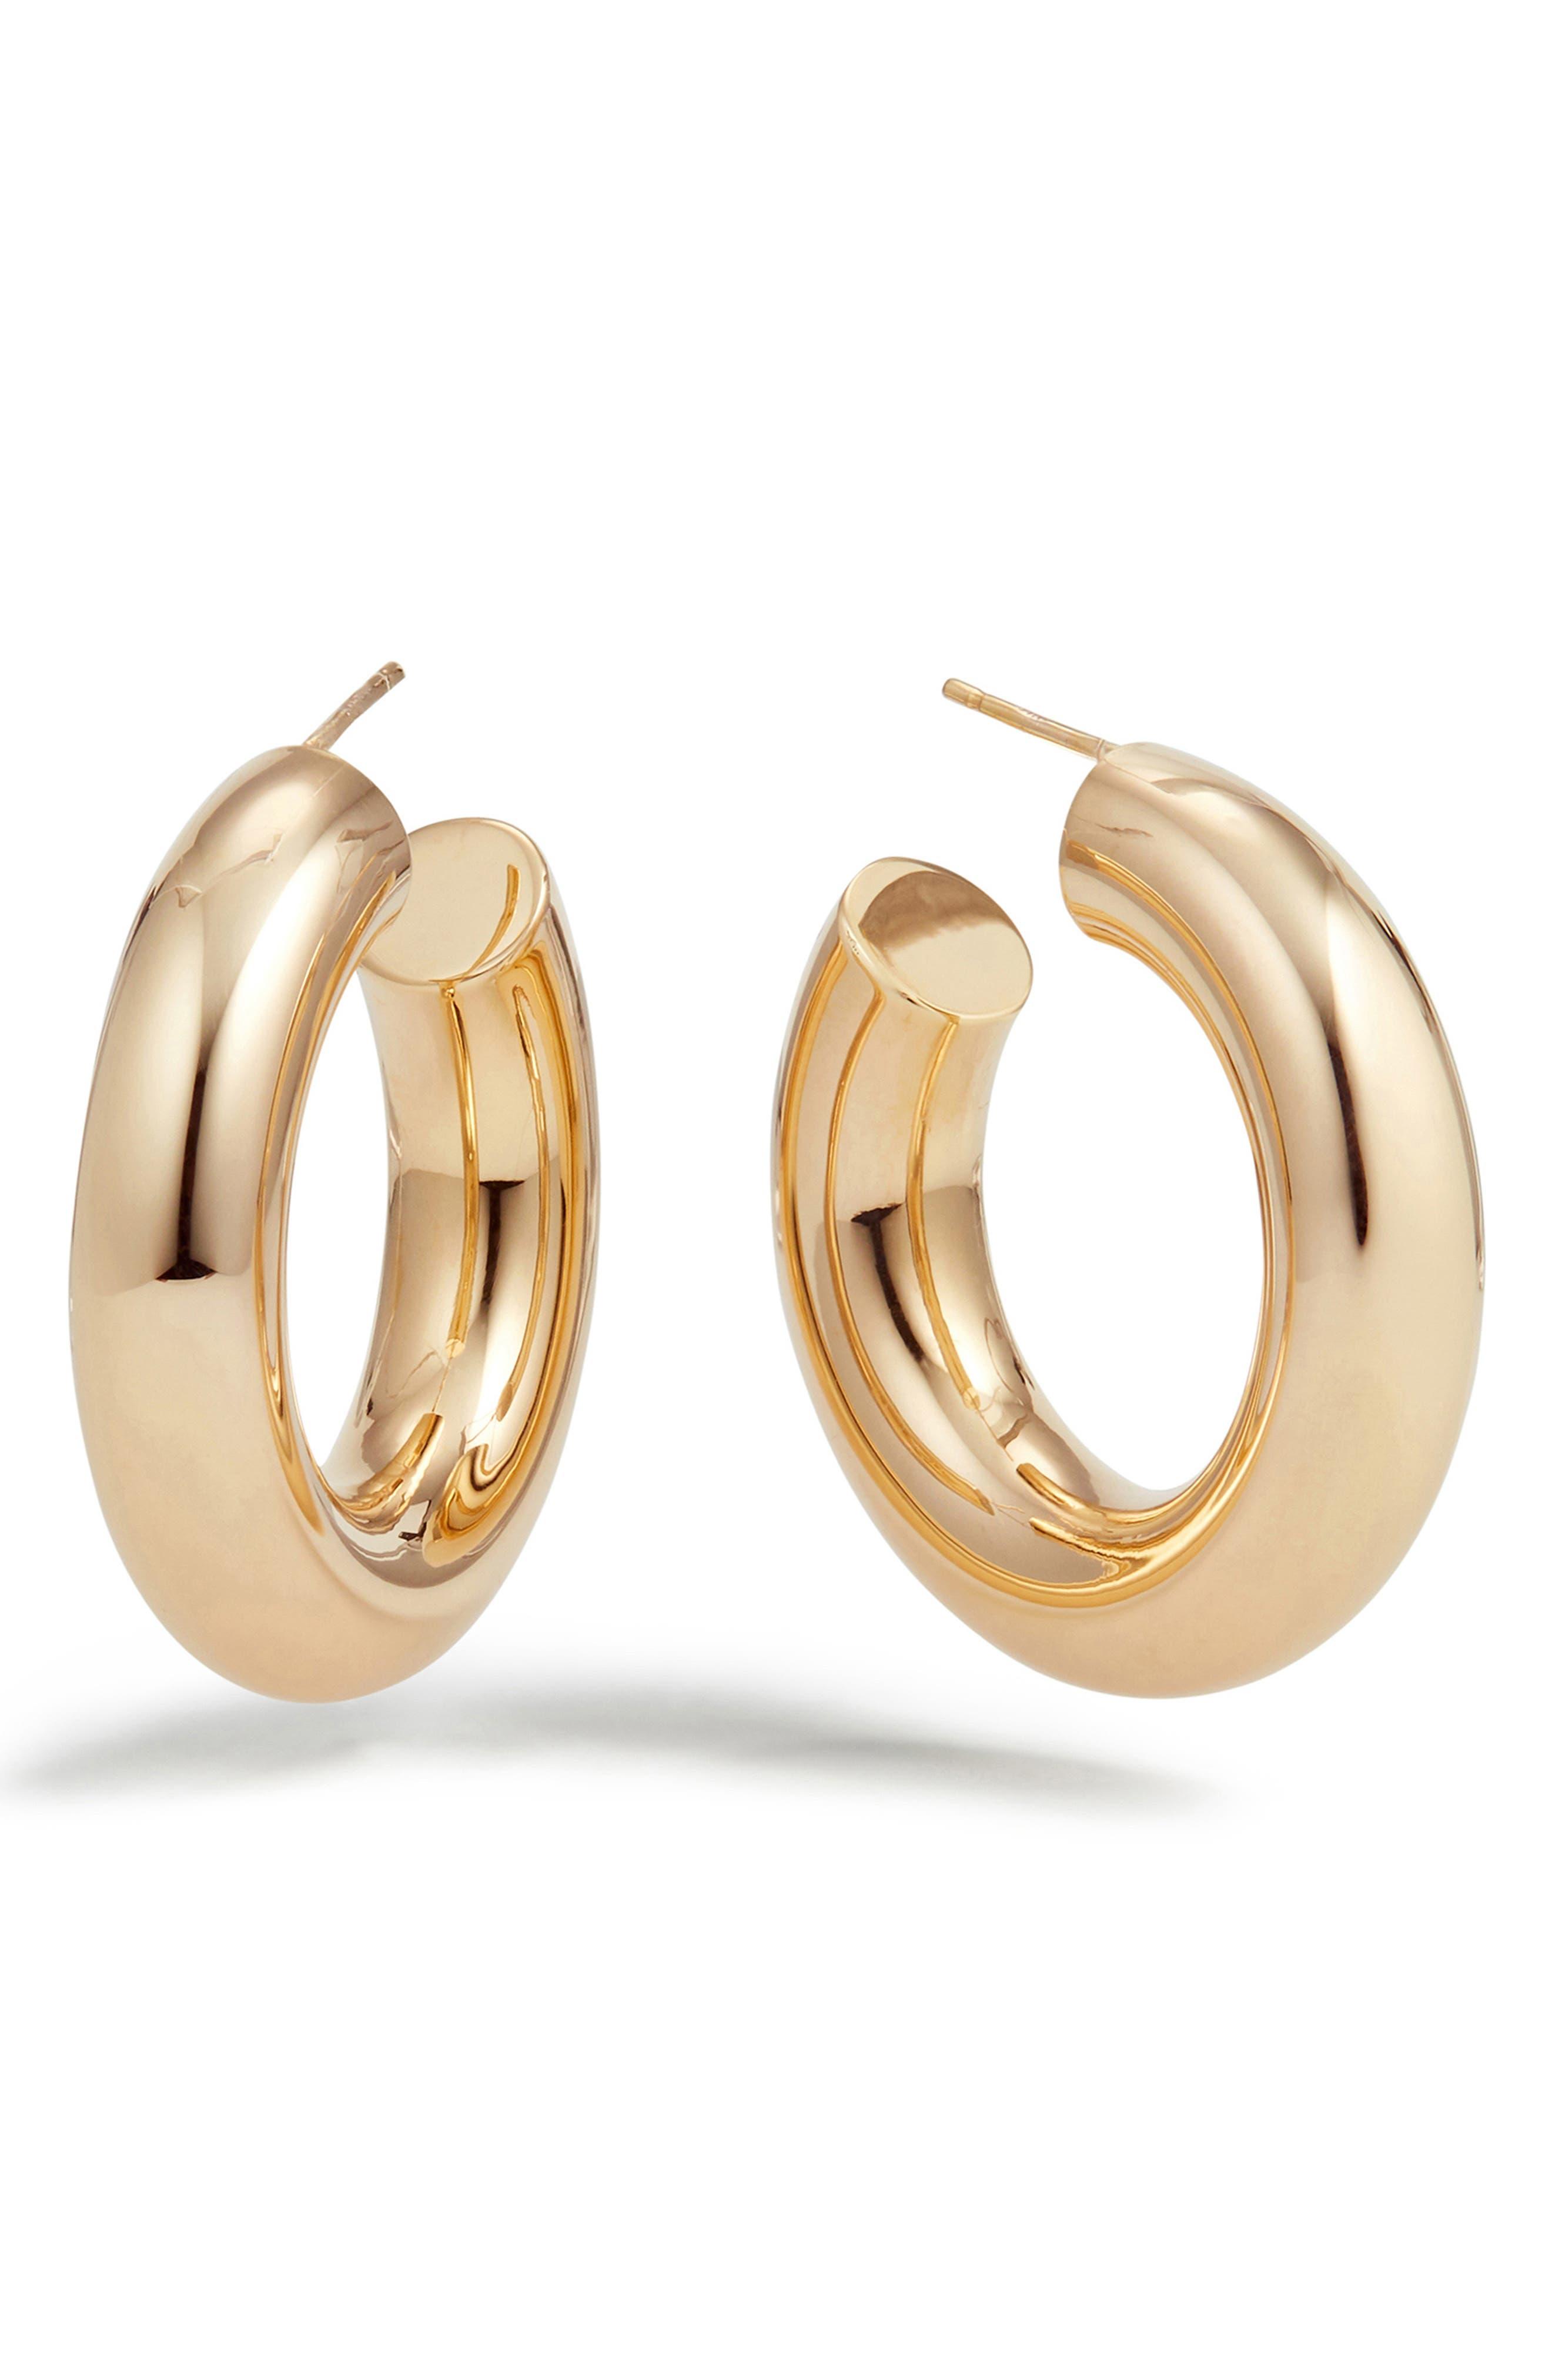 Mega Royale Hoop Earrings